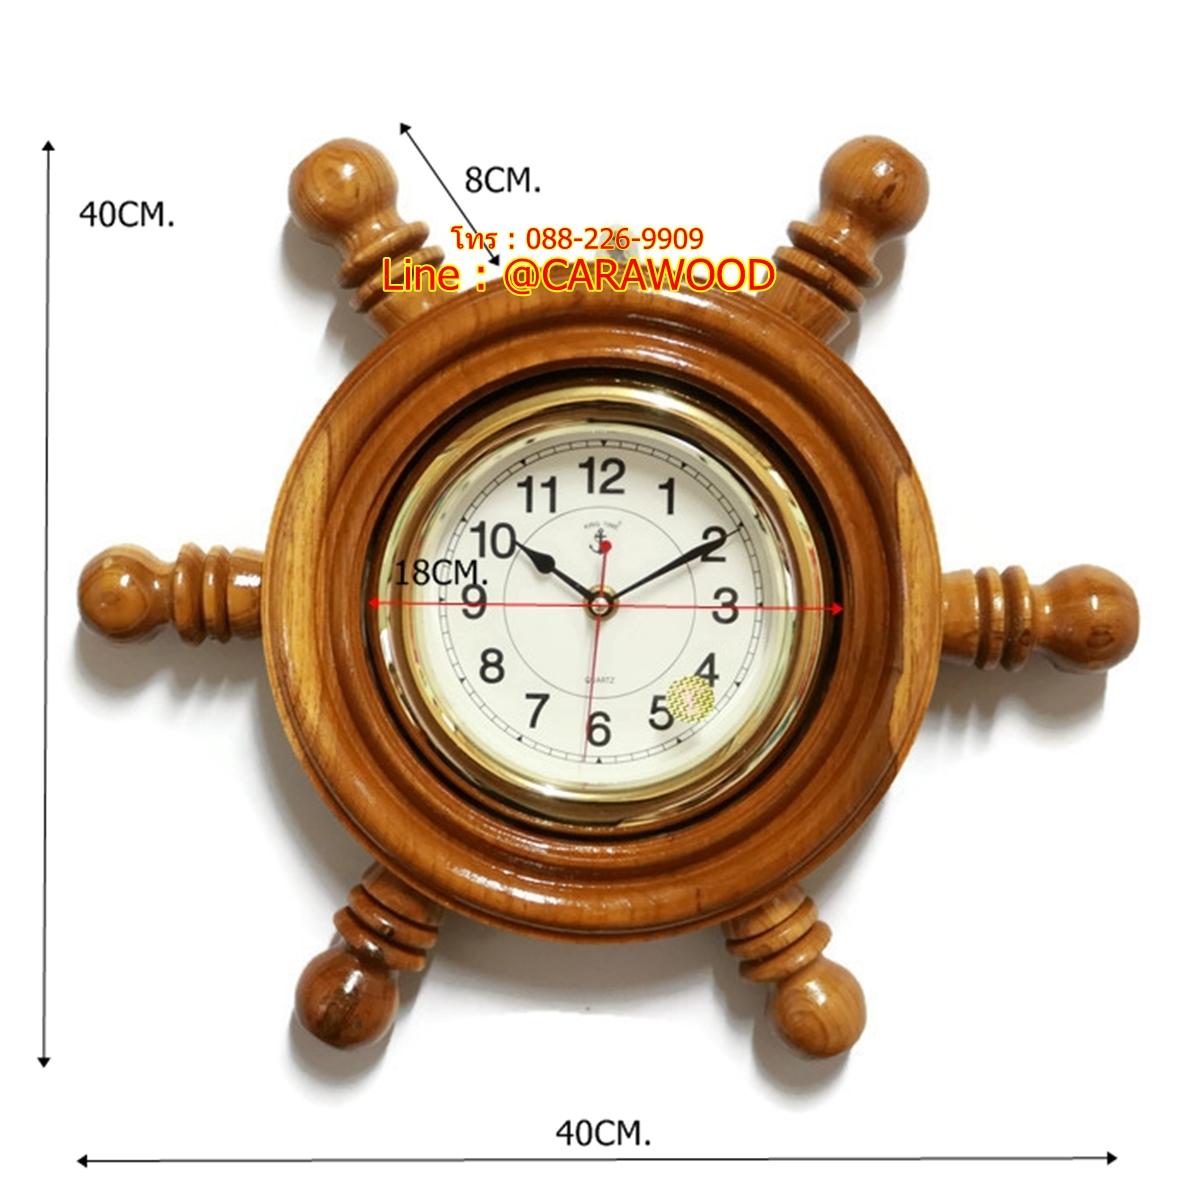 นาฬิกาพวงมาลัยเรือไม้สักทอง 10 นิ้ว